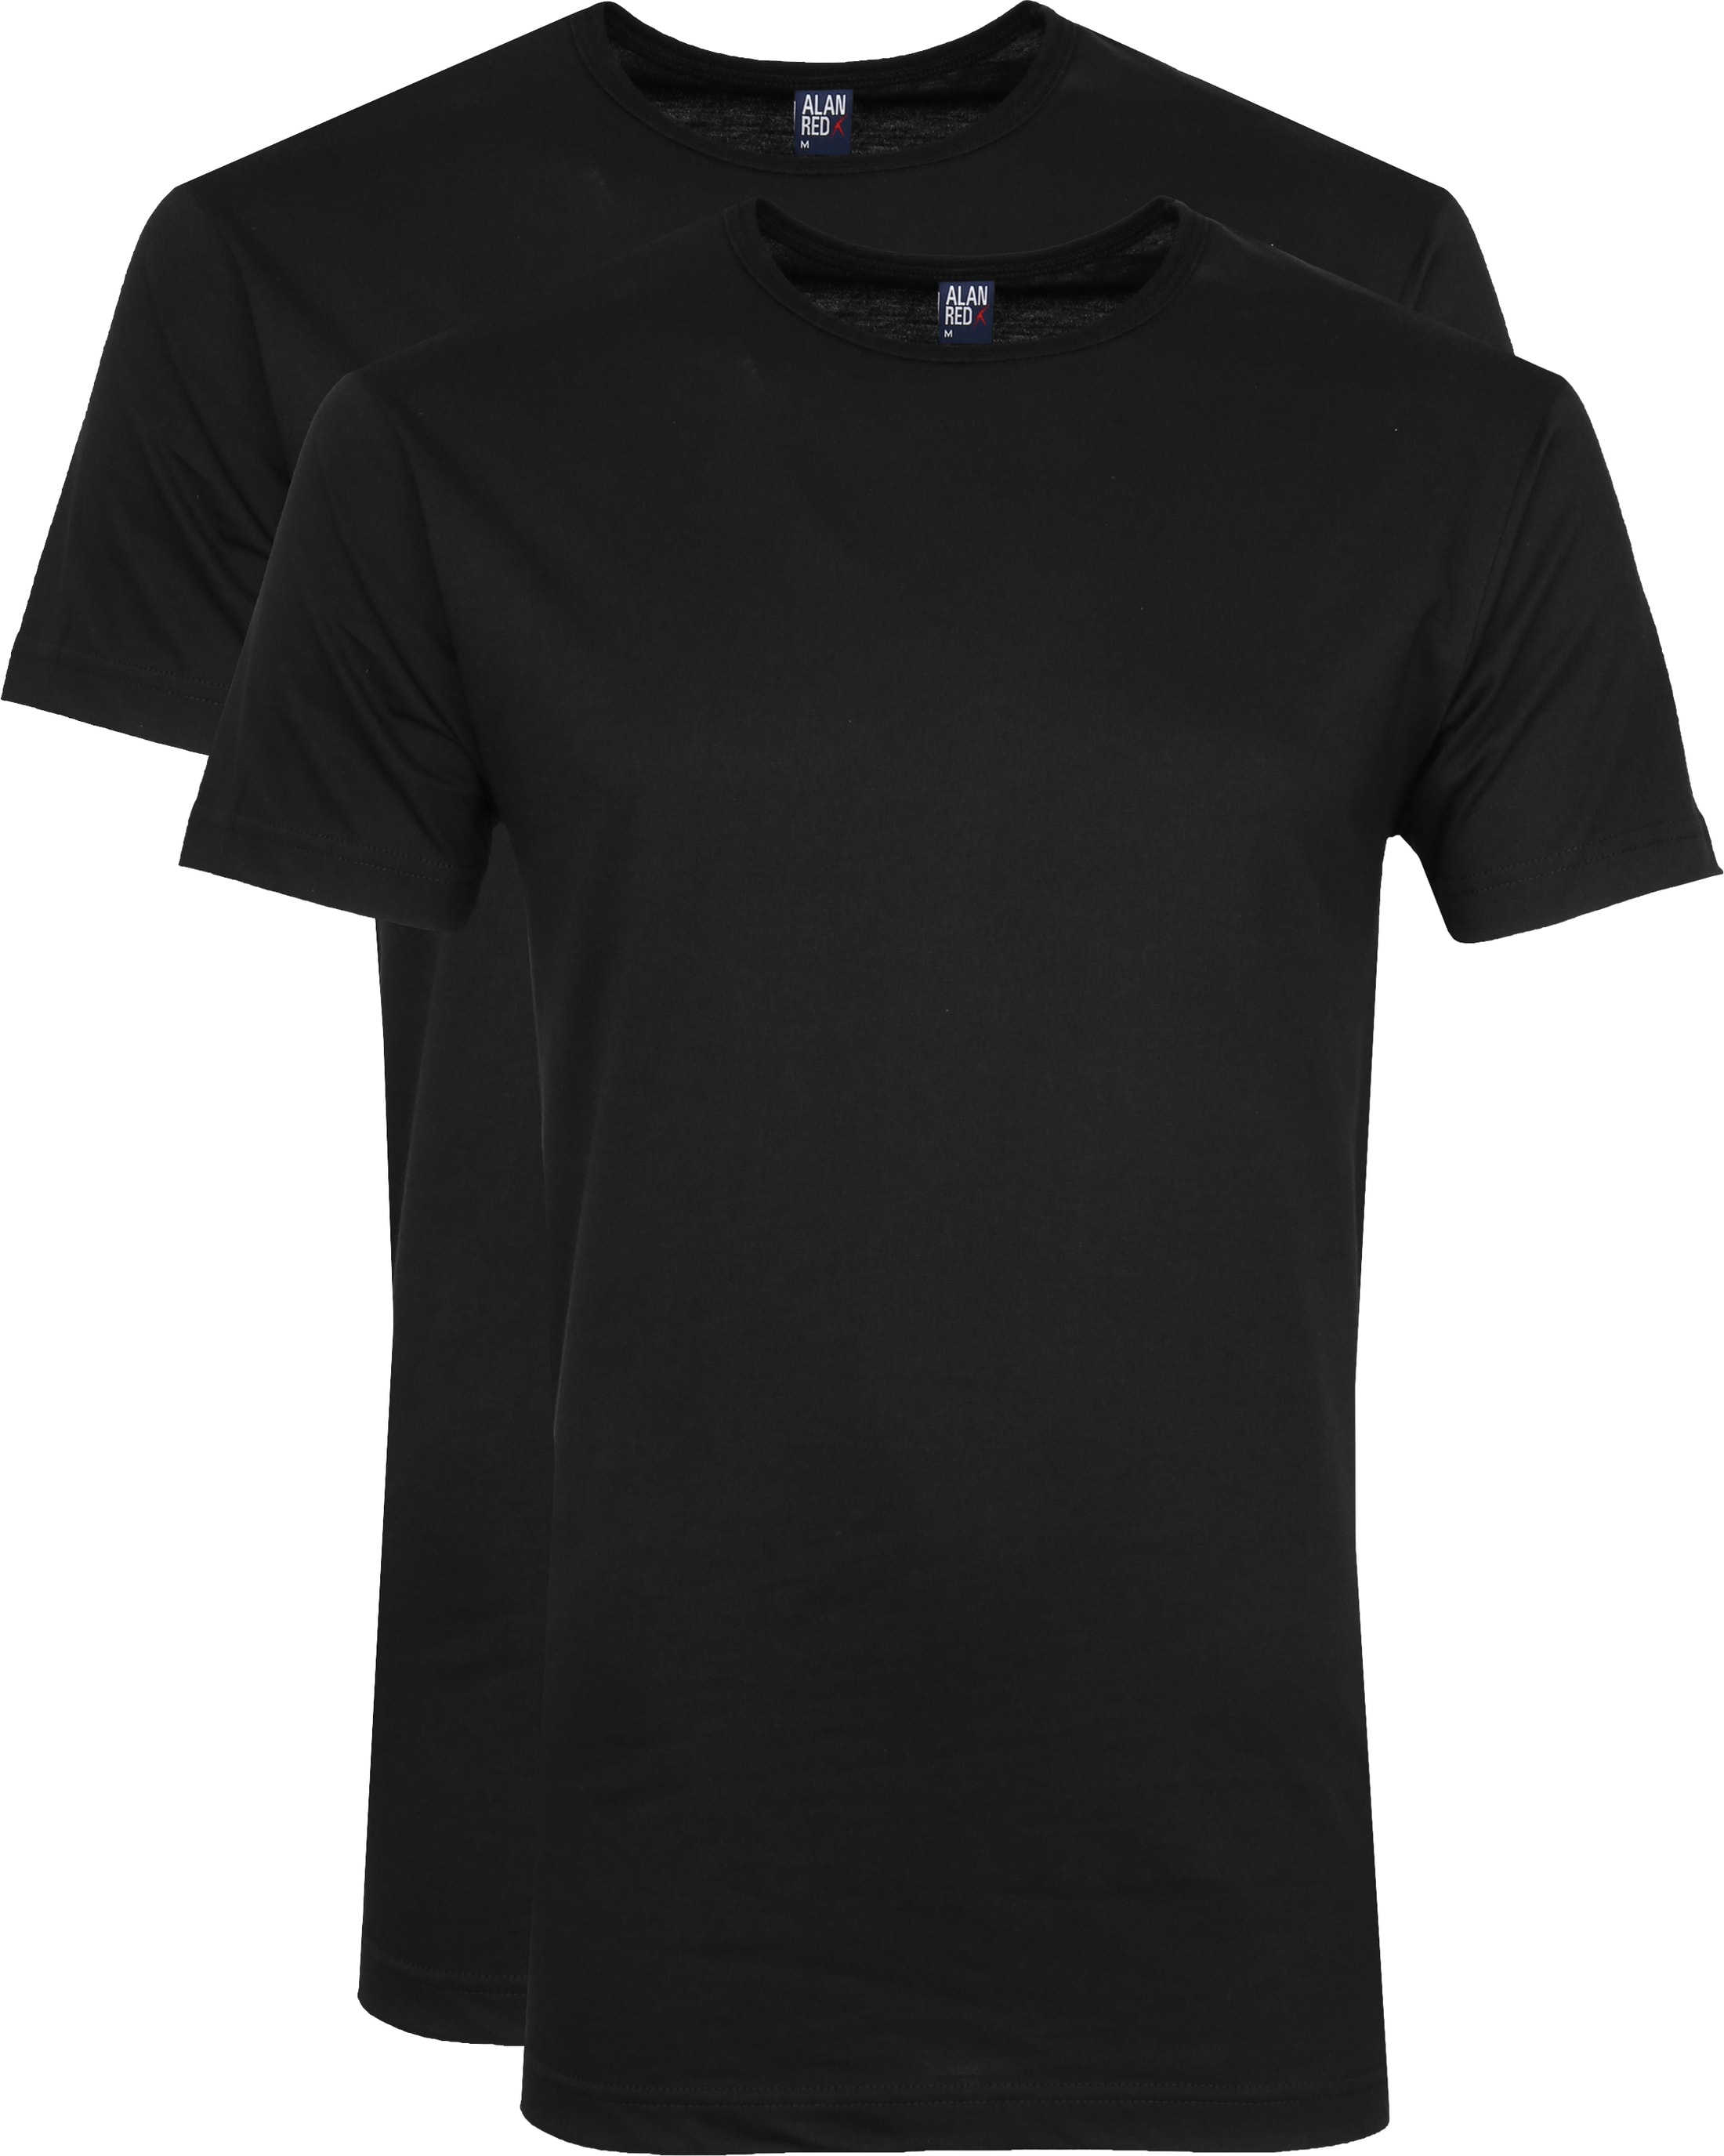 Alan Red Derby O-Hals T-Shirt Black (2Pack) foto 0